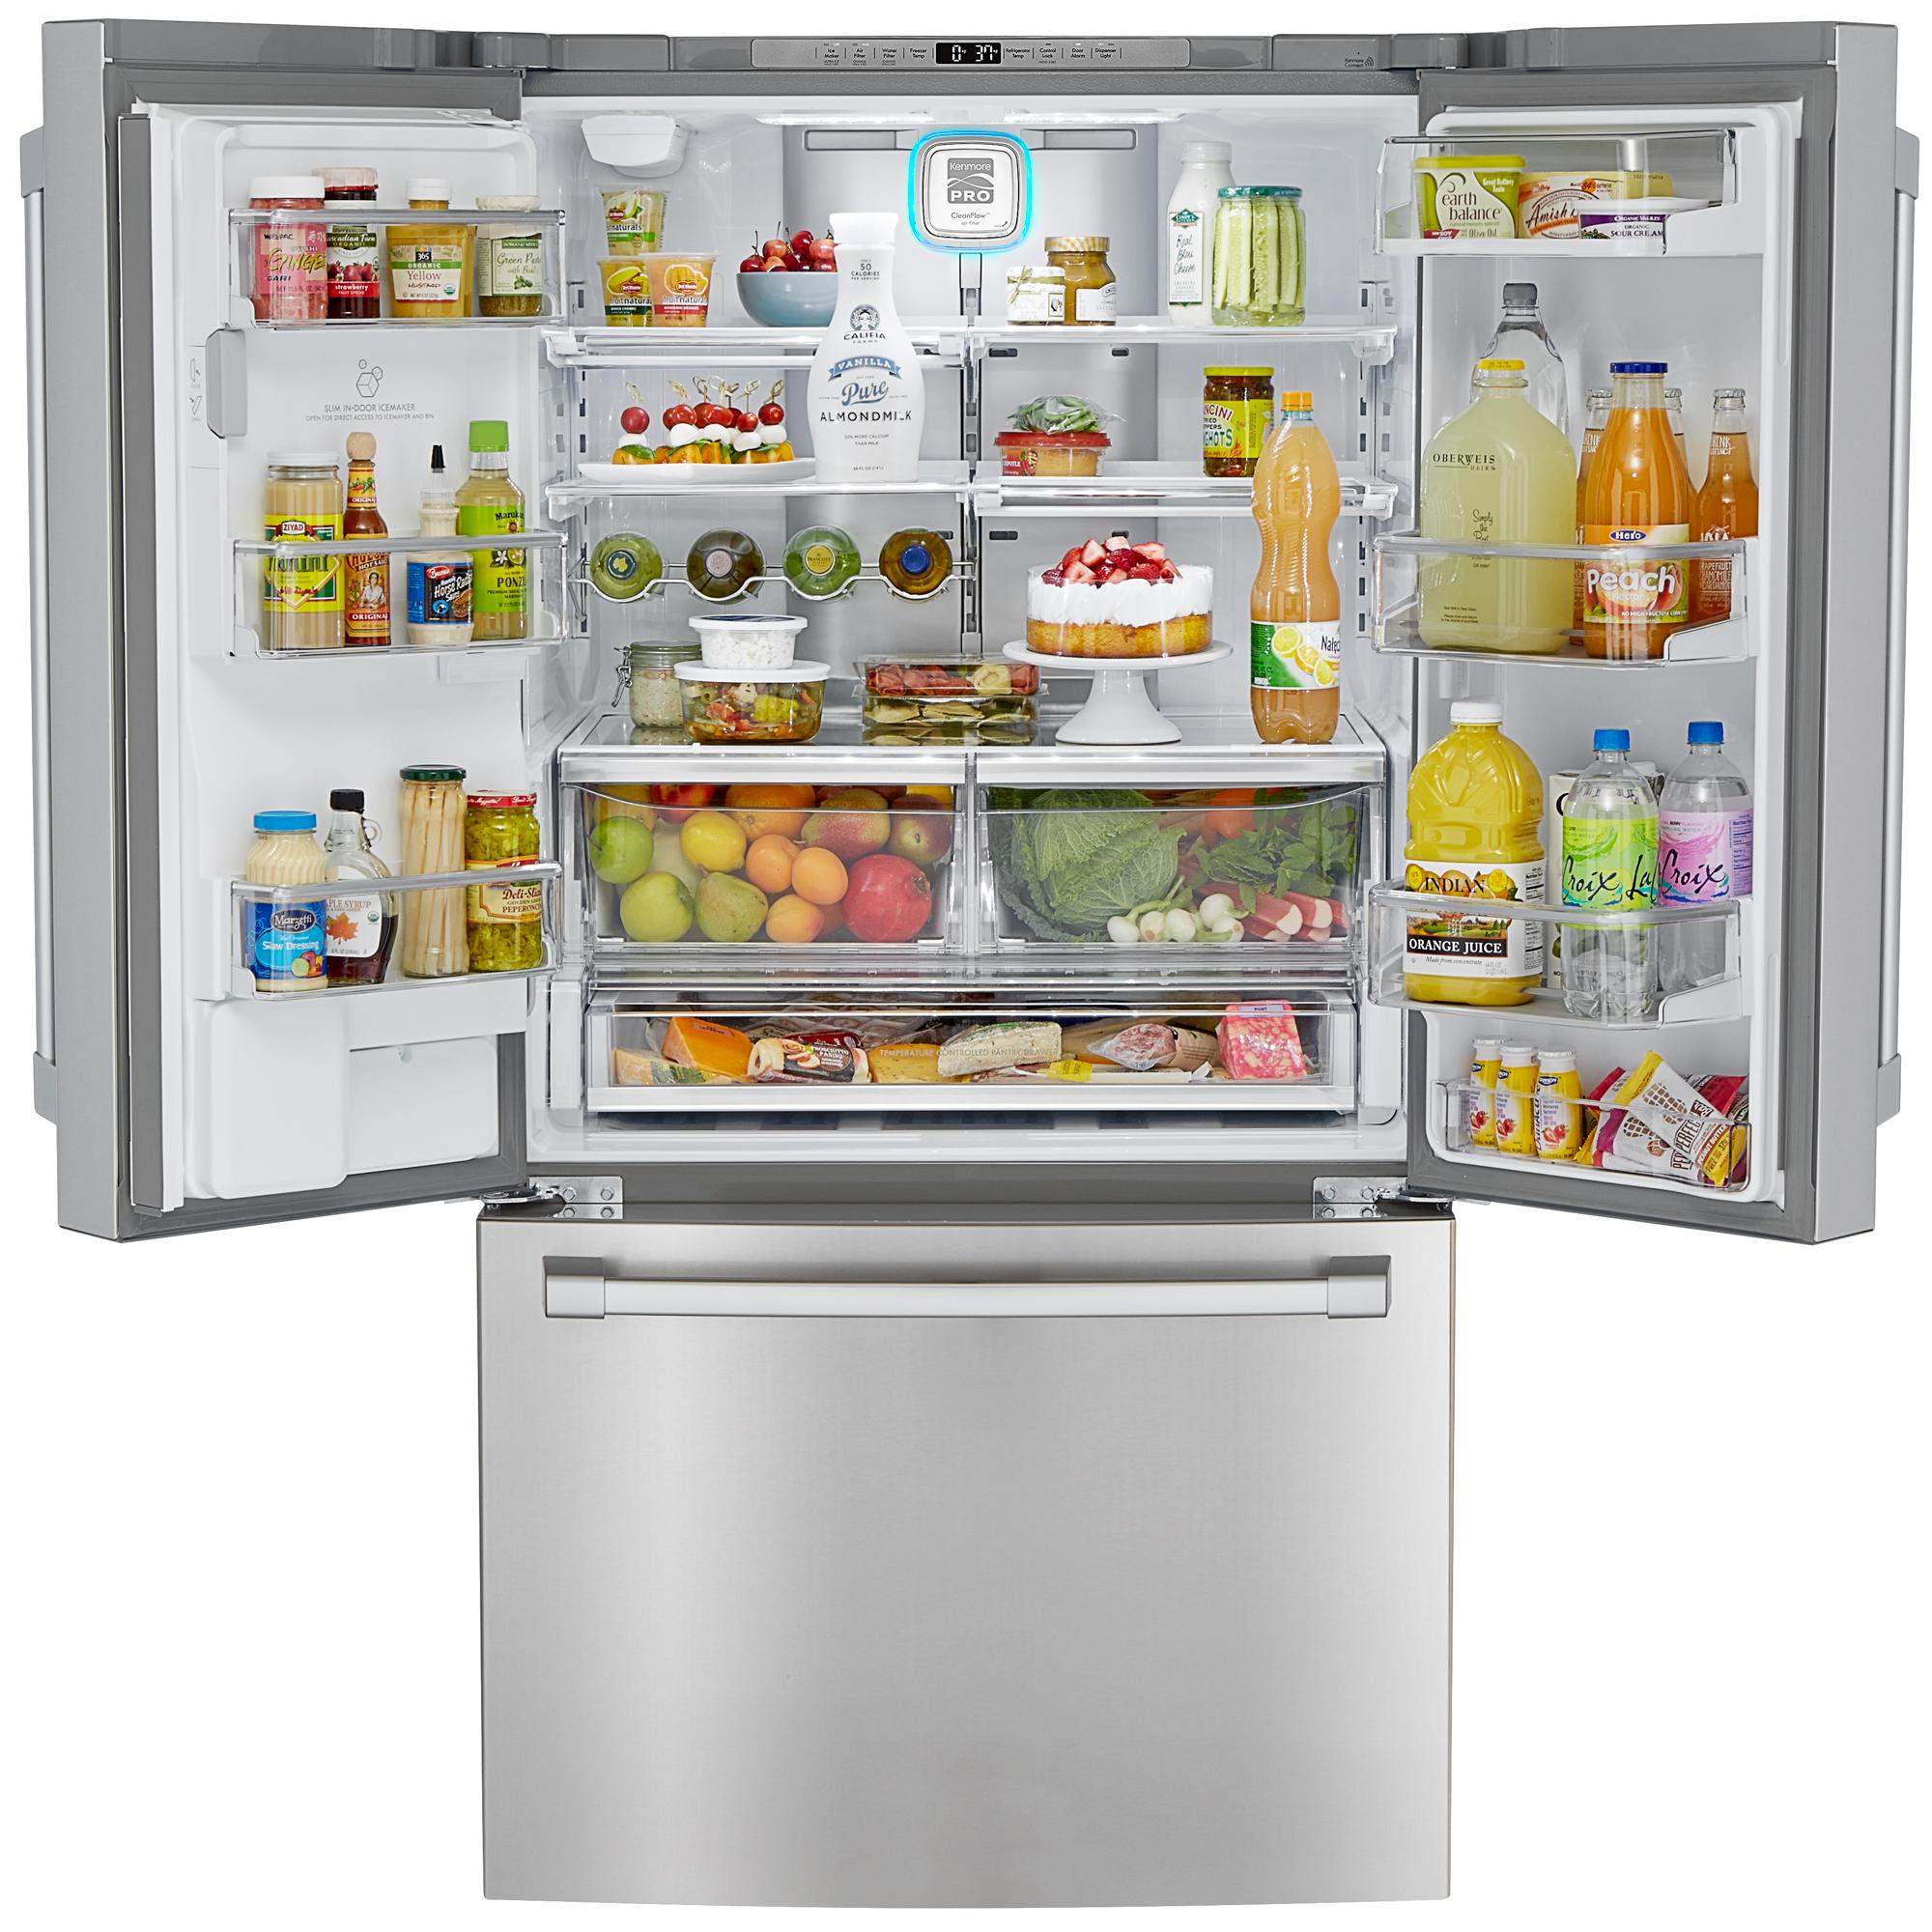 Kenmore Pro 79983 29.8 cu. ft. French Door Bottom-Freezer Refrigerator